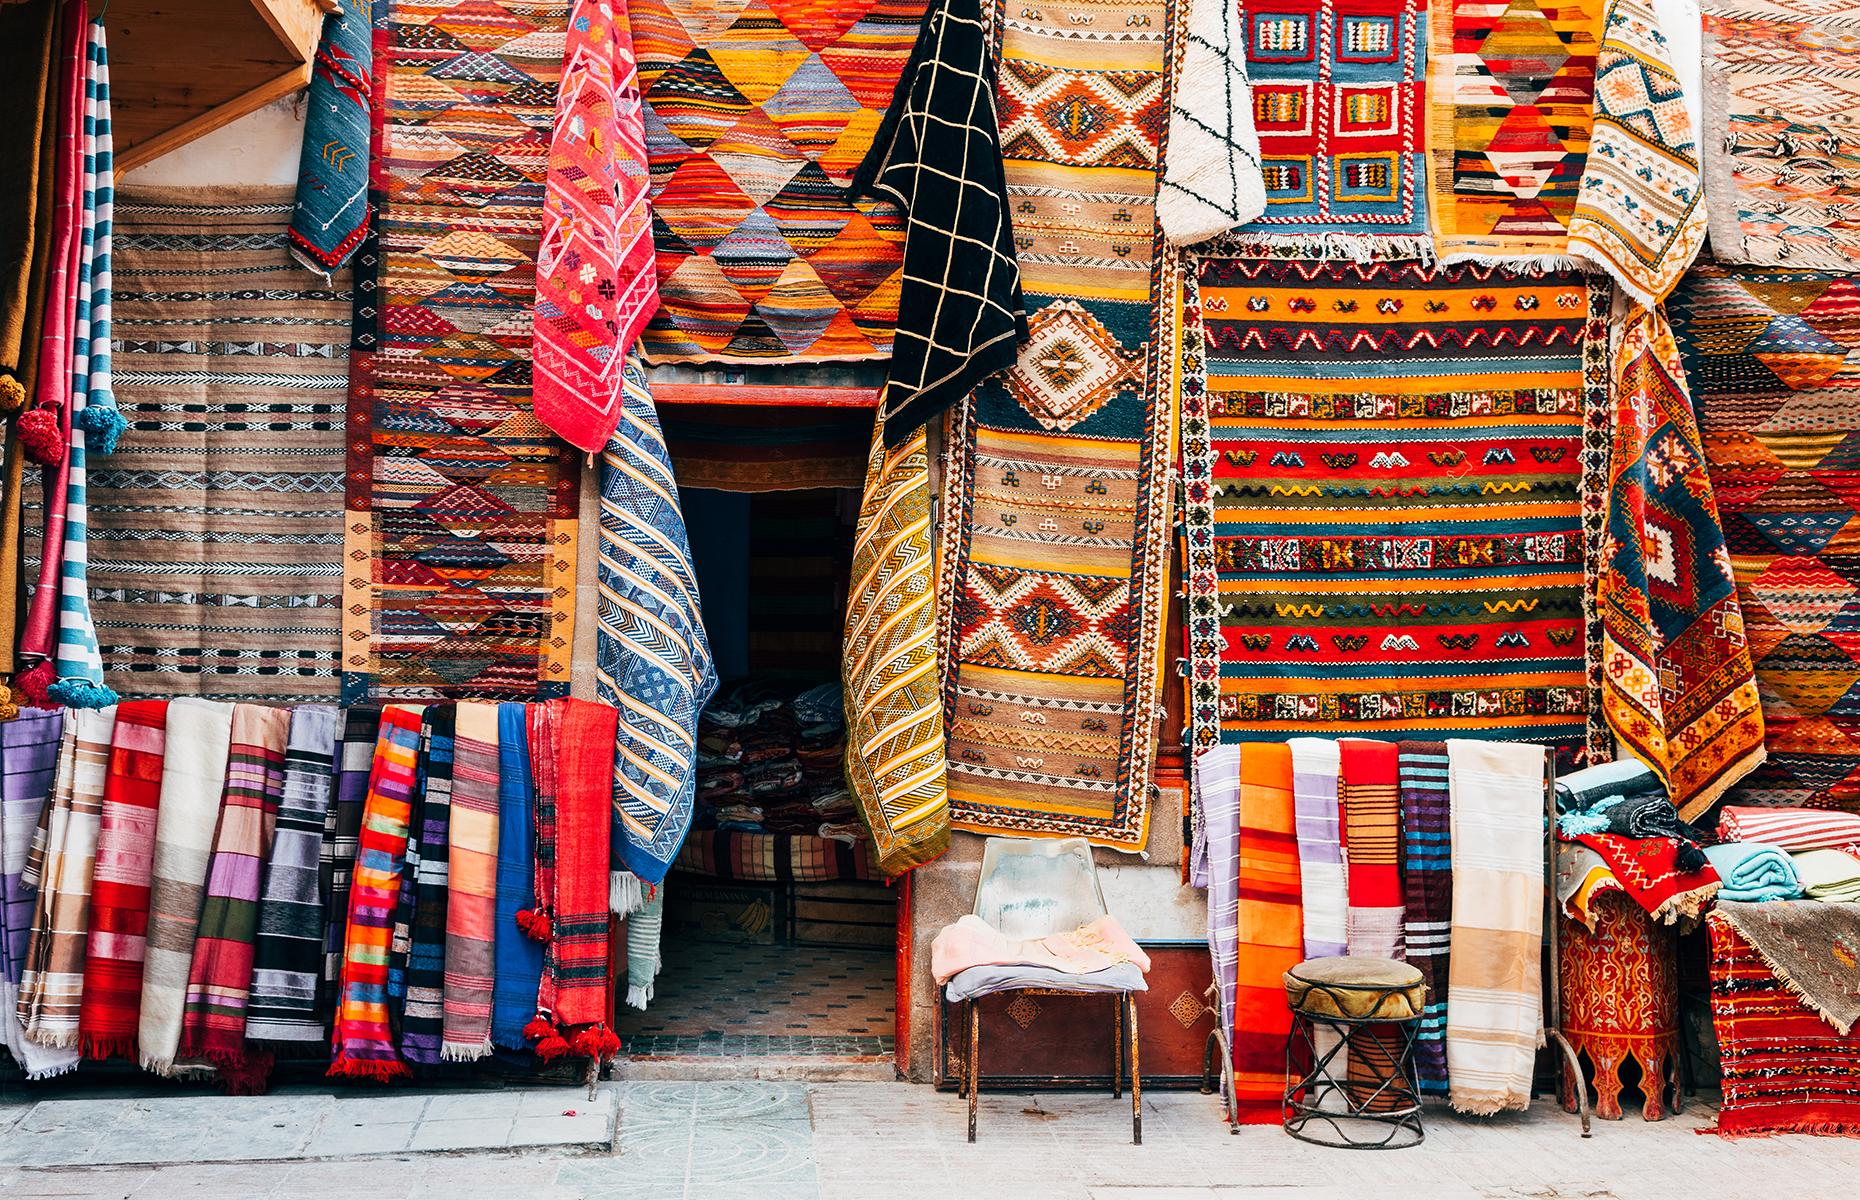 Carpets in a souk in Marrakech (Image: jon Chica/Shutterstock)